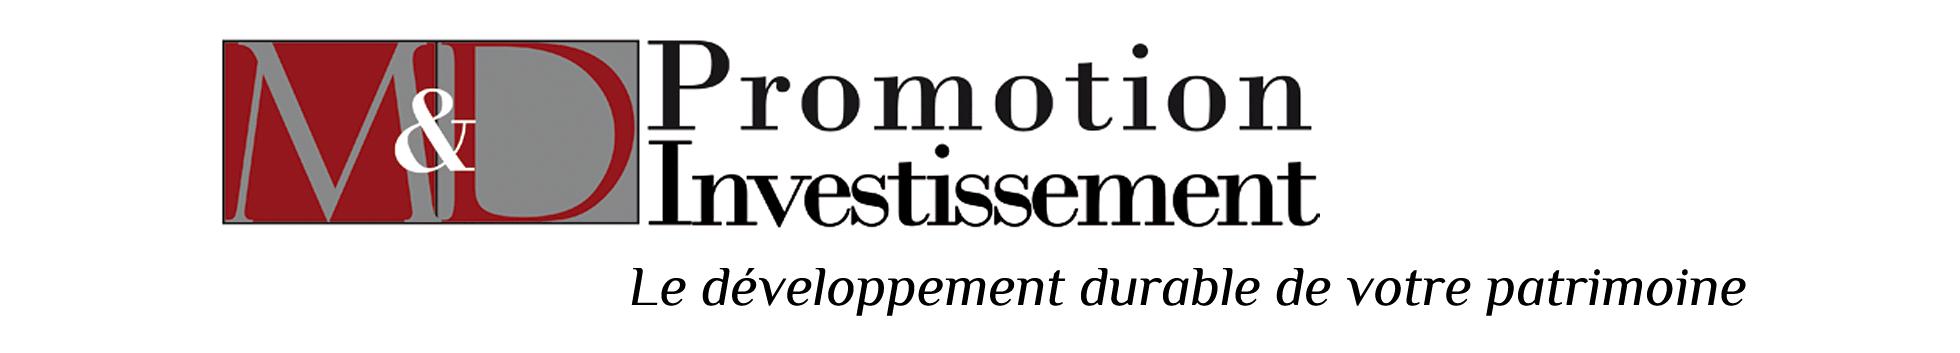 M&D Promotion Investissement